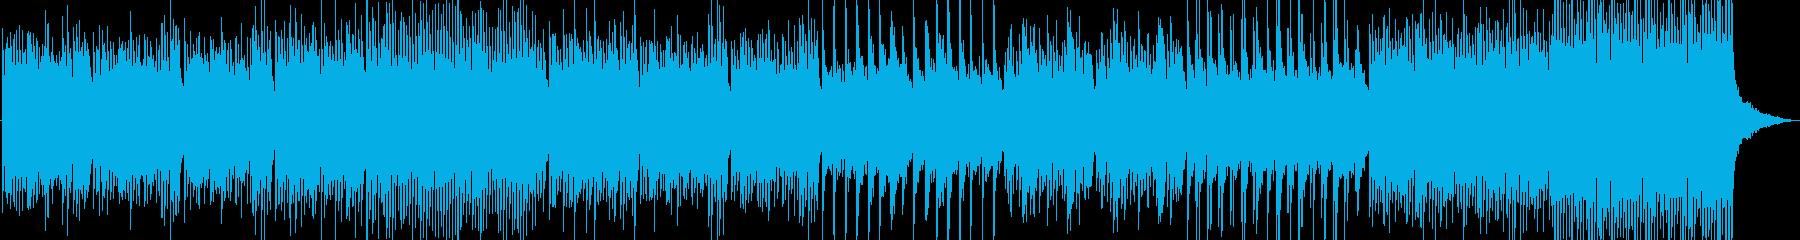 ミステリアスで逃亡するようなピアノ曲の再生済みの波形